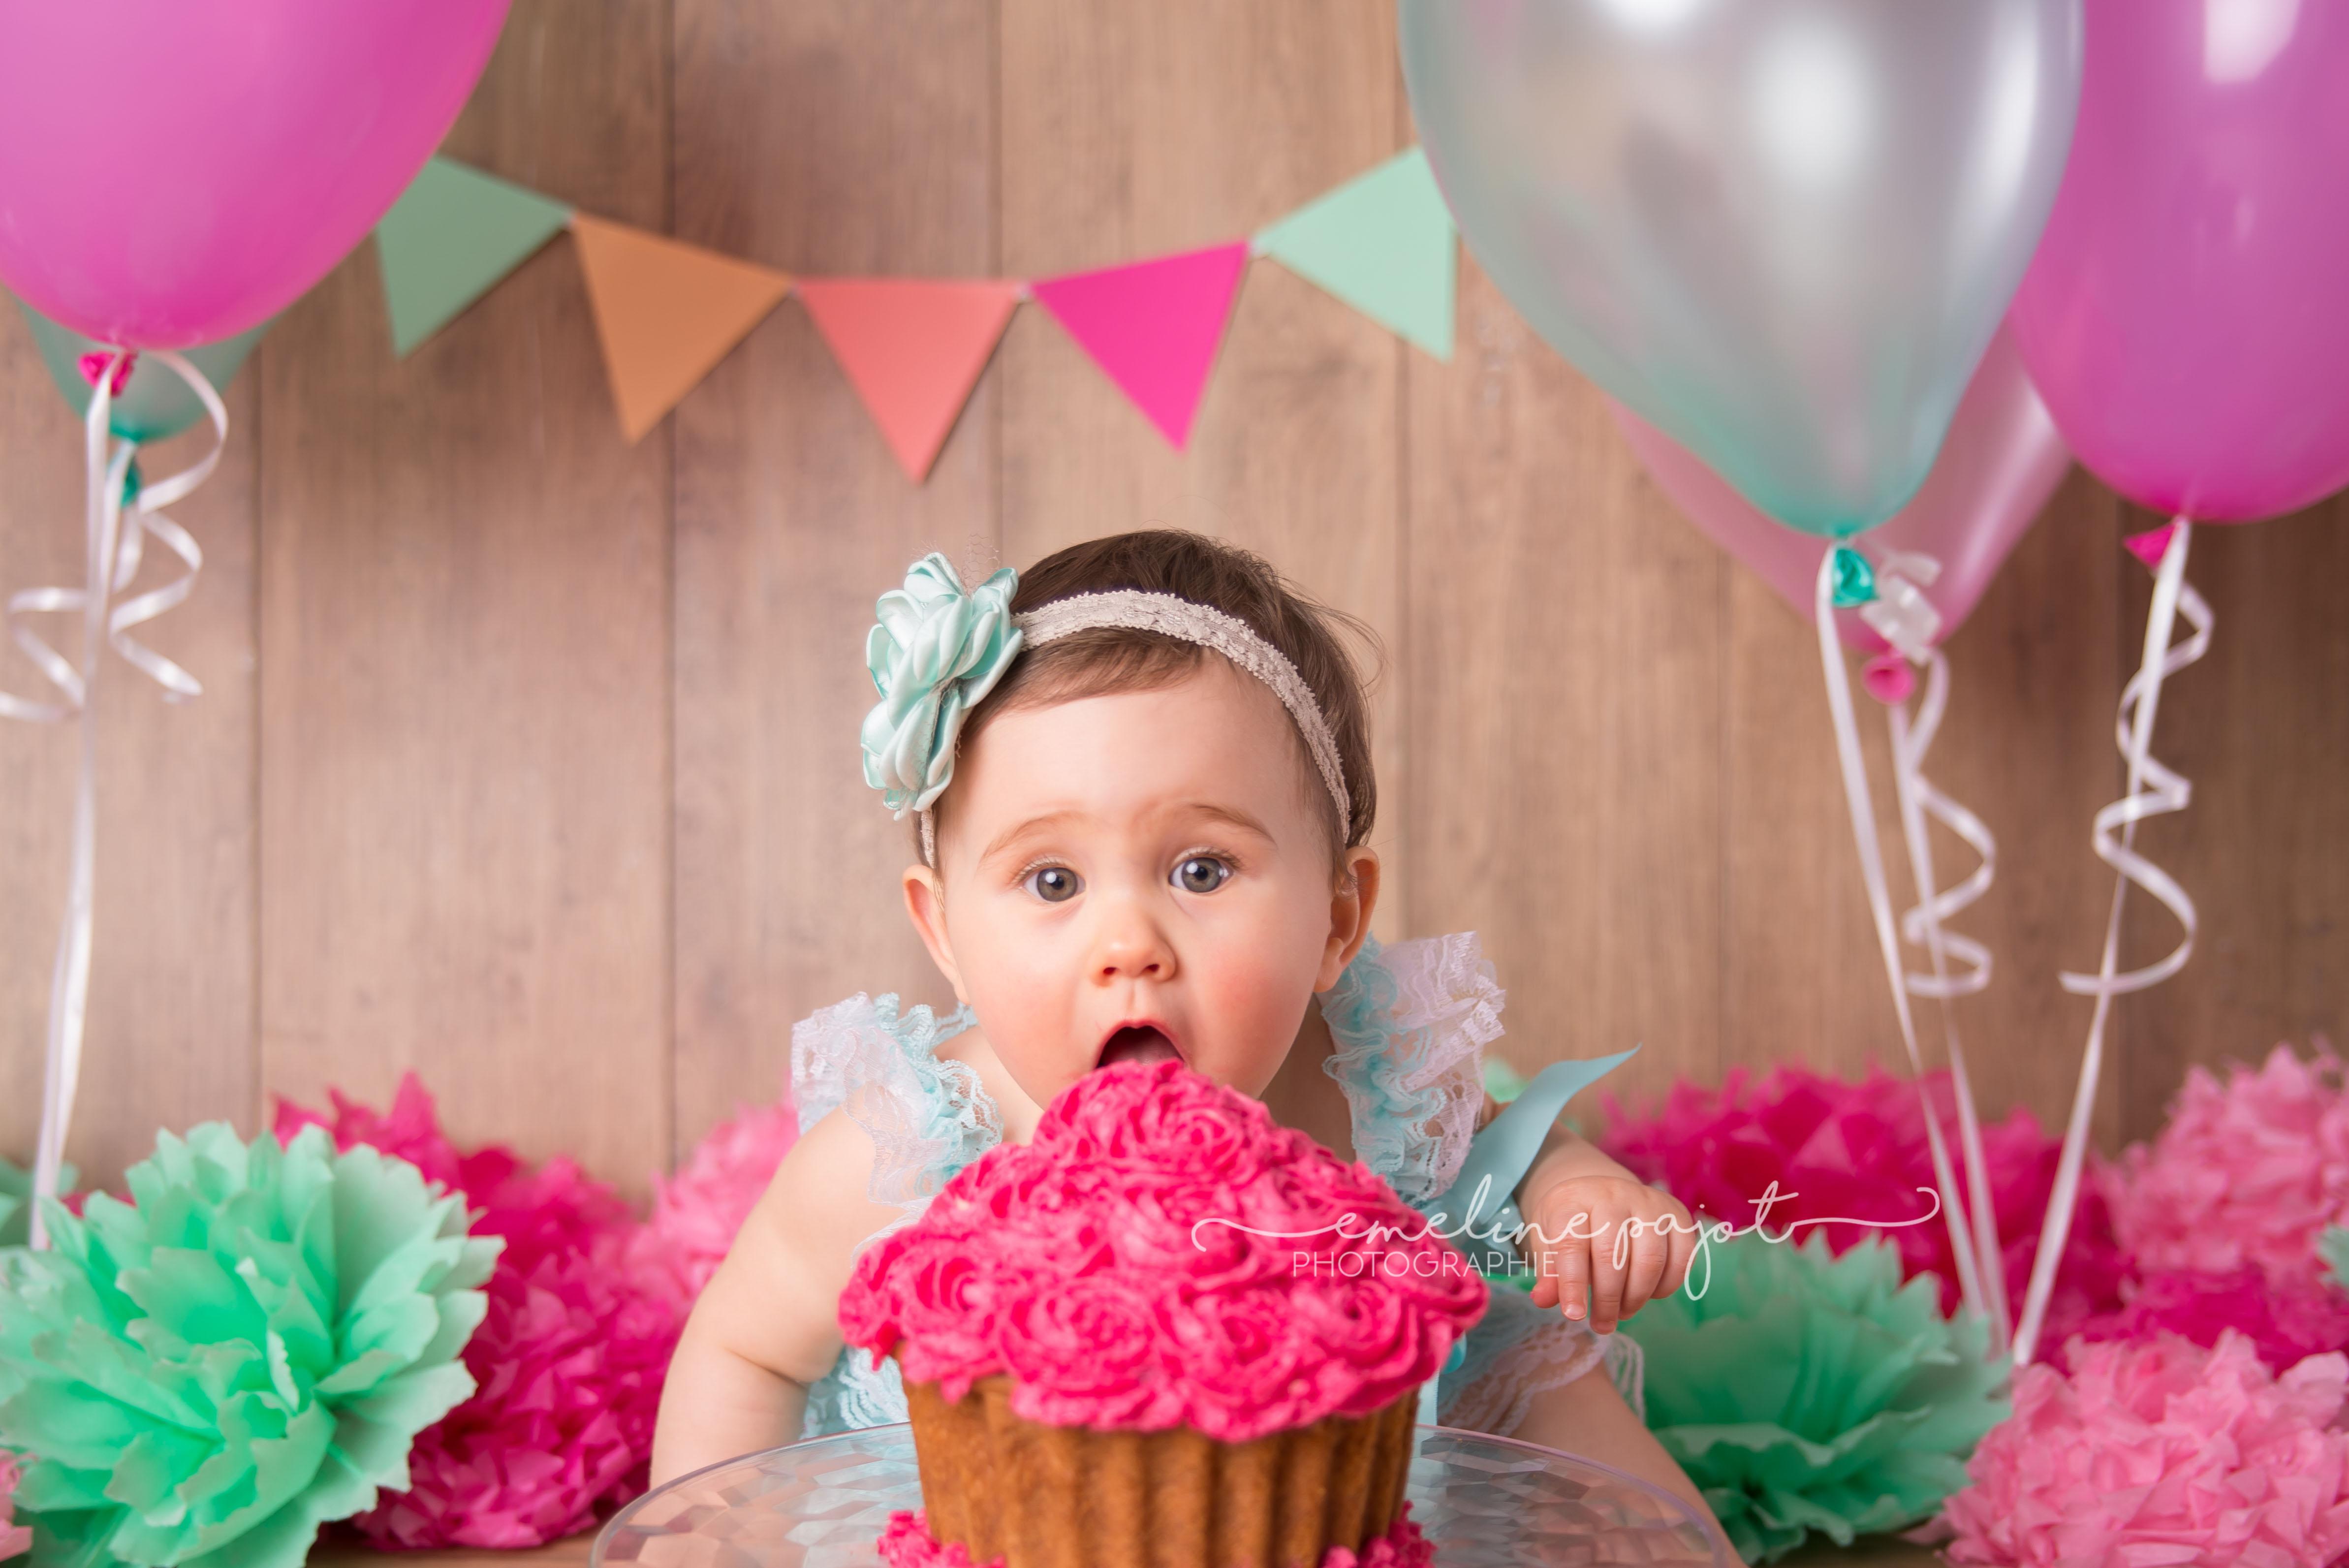 """Photographie """"Smash the cake"""", c'est quoi cette nouveauté ?"""